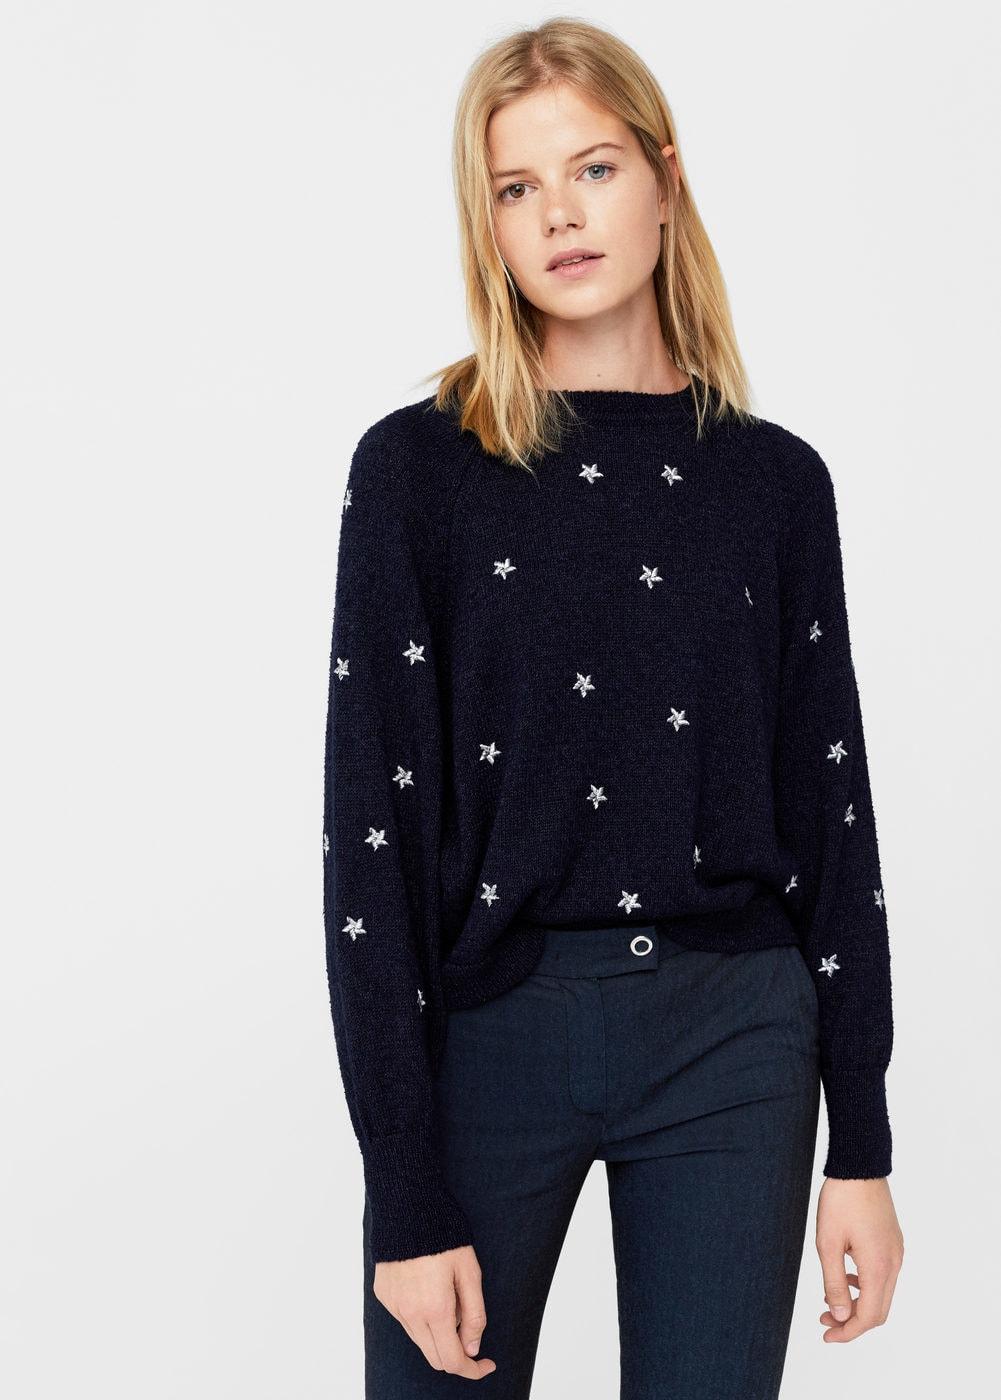 Mango stars jumper